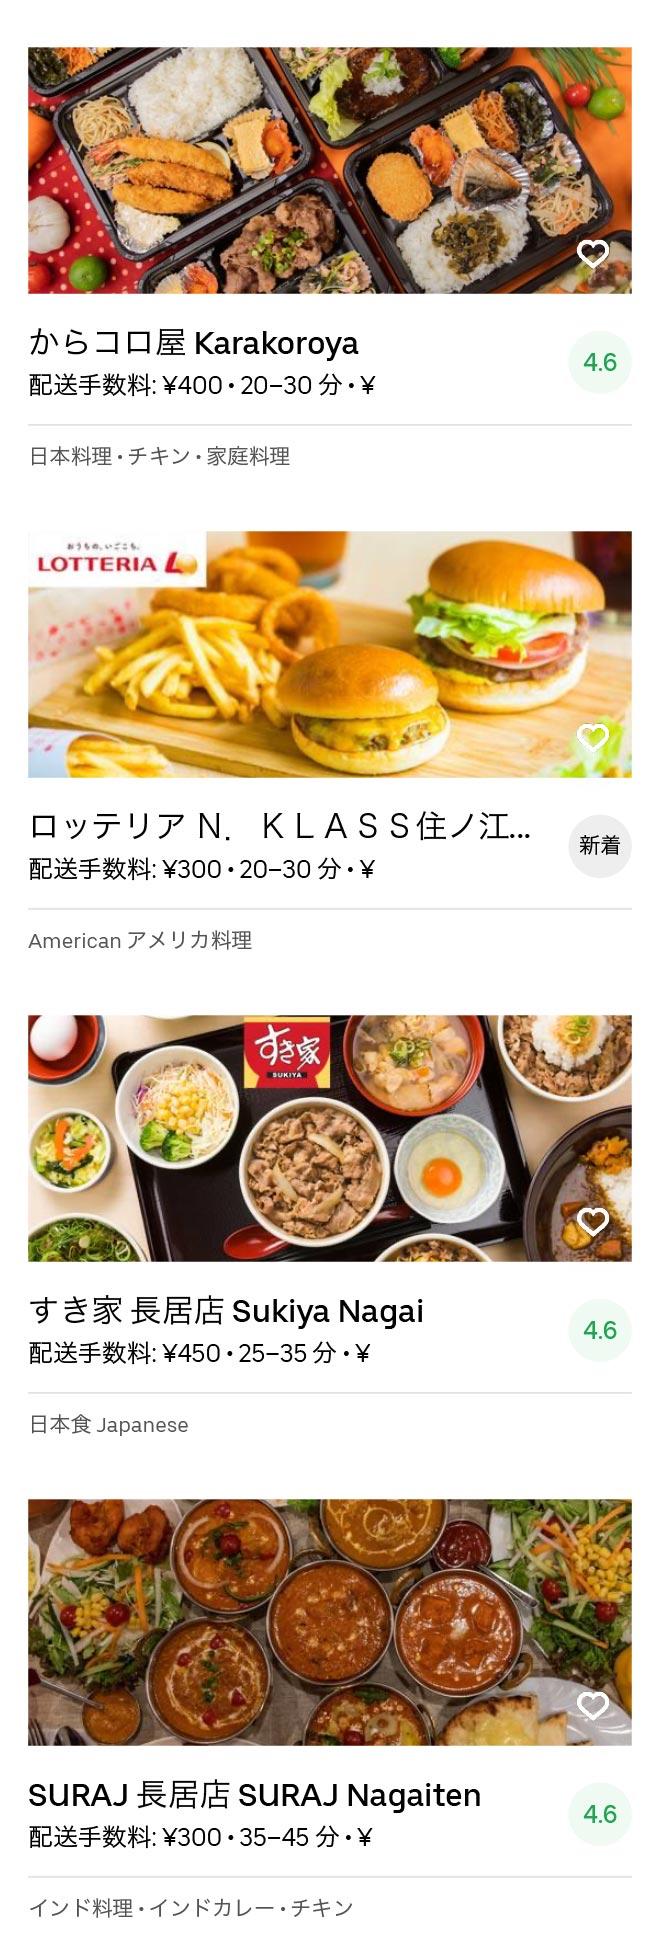 Sakai sakai higashi menu 2005 03